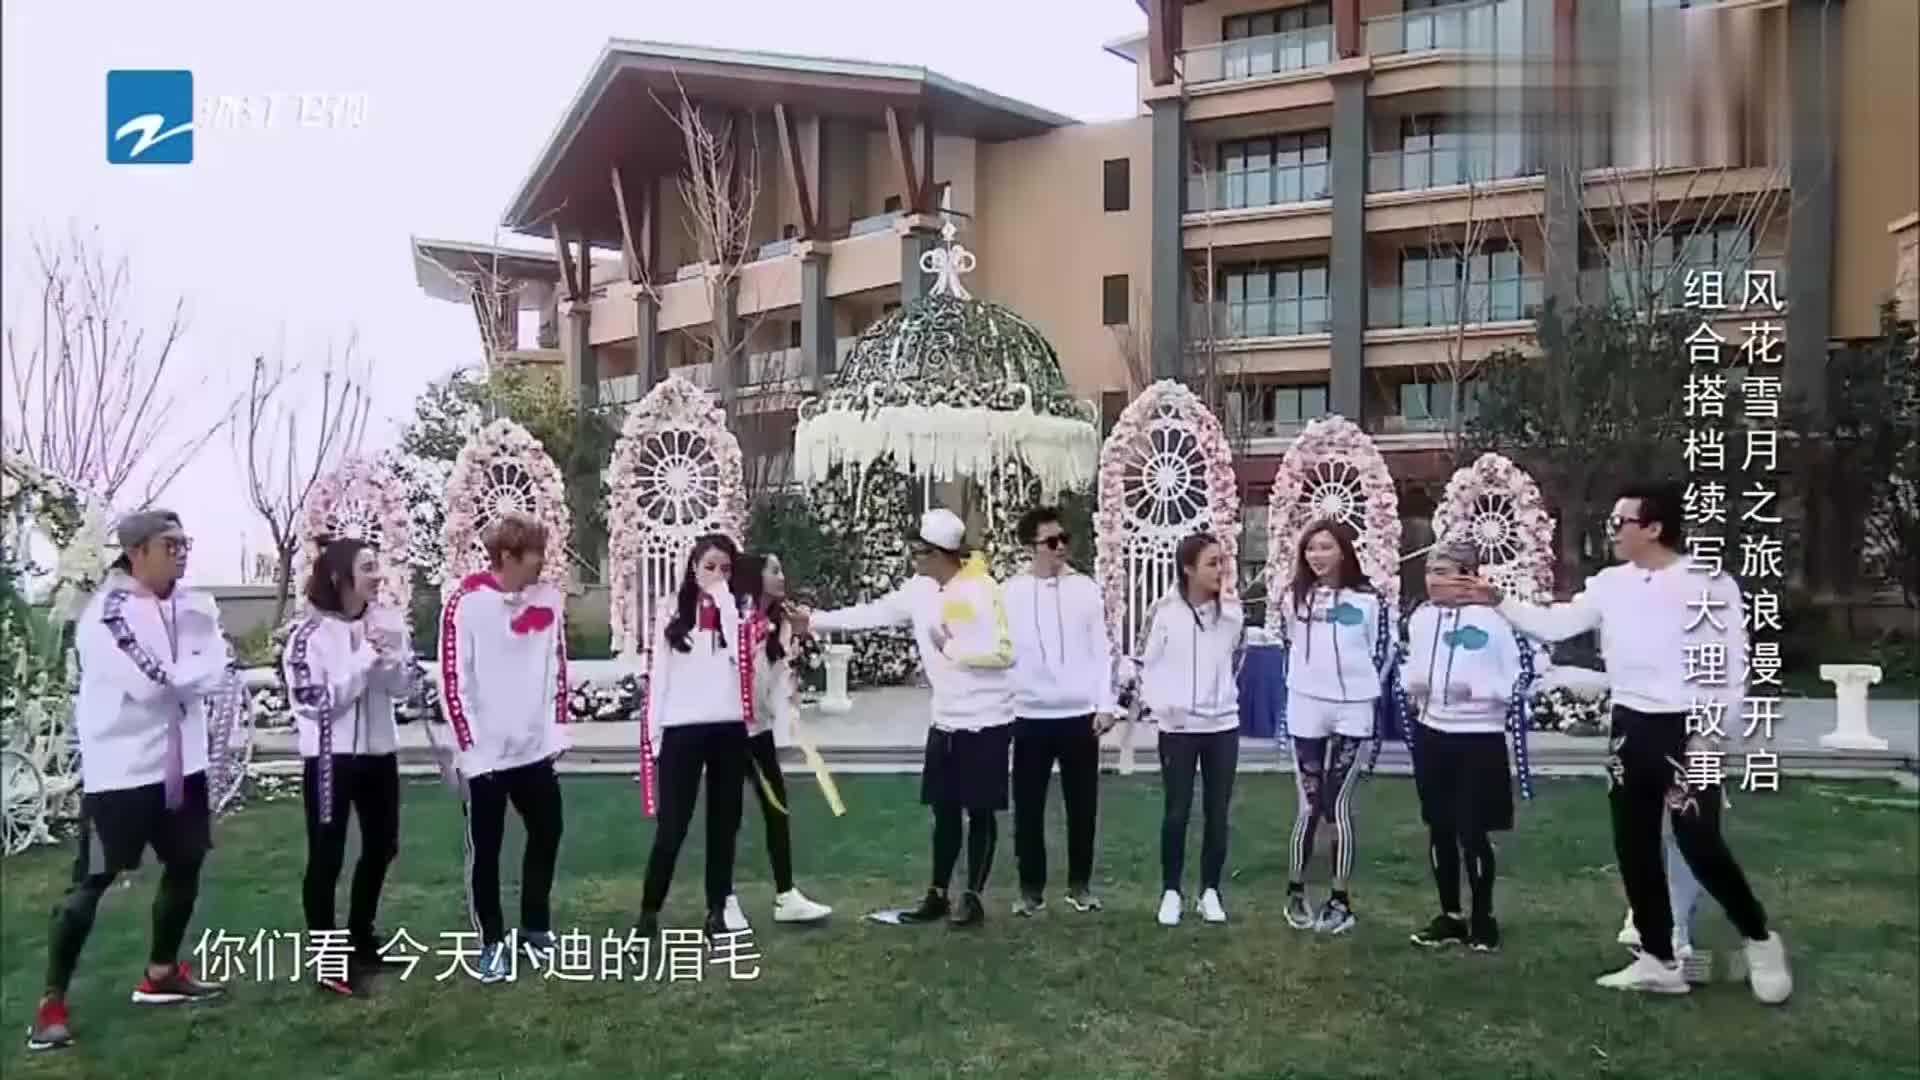 """鹿晗迪丽热巴现场被""""逼婚"""",画面真是甜炸了,太养眼了"""